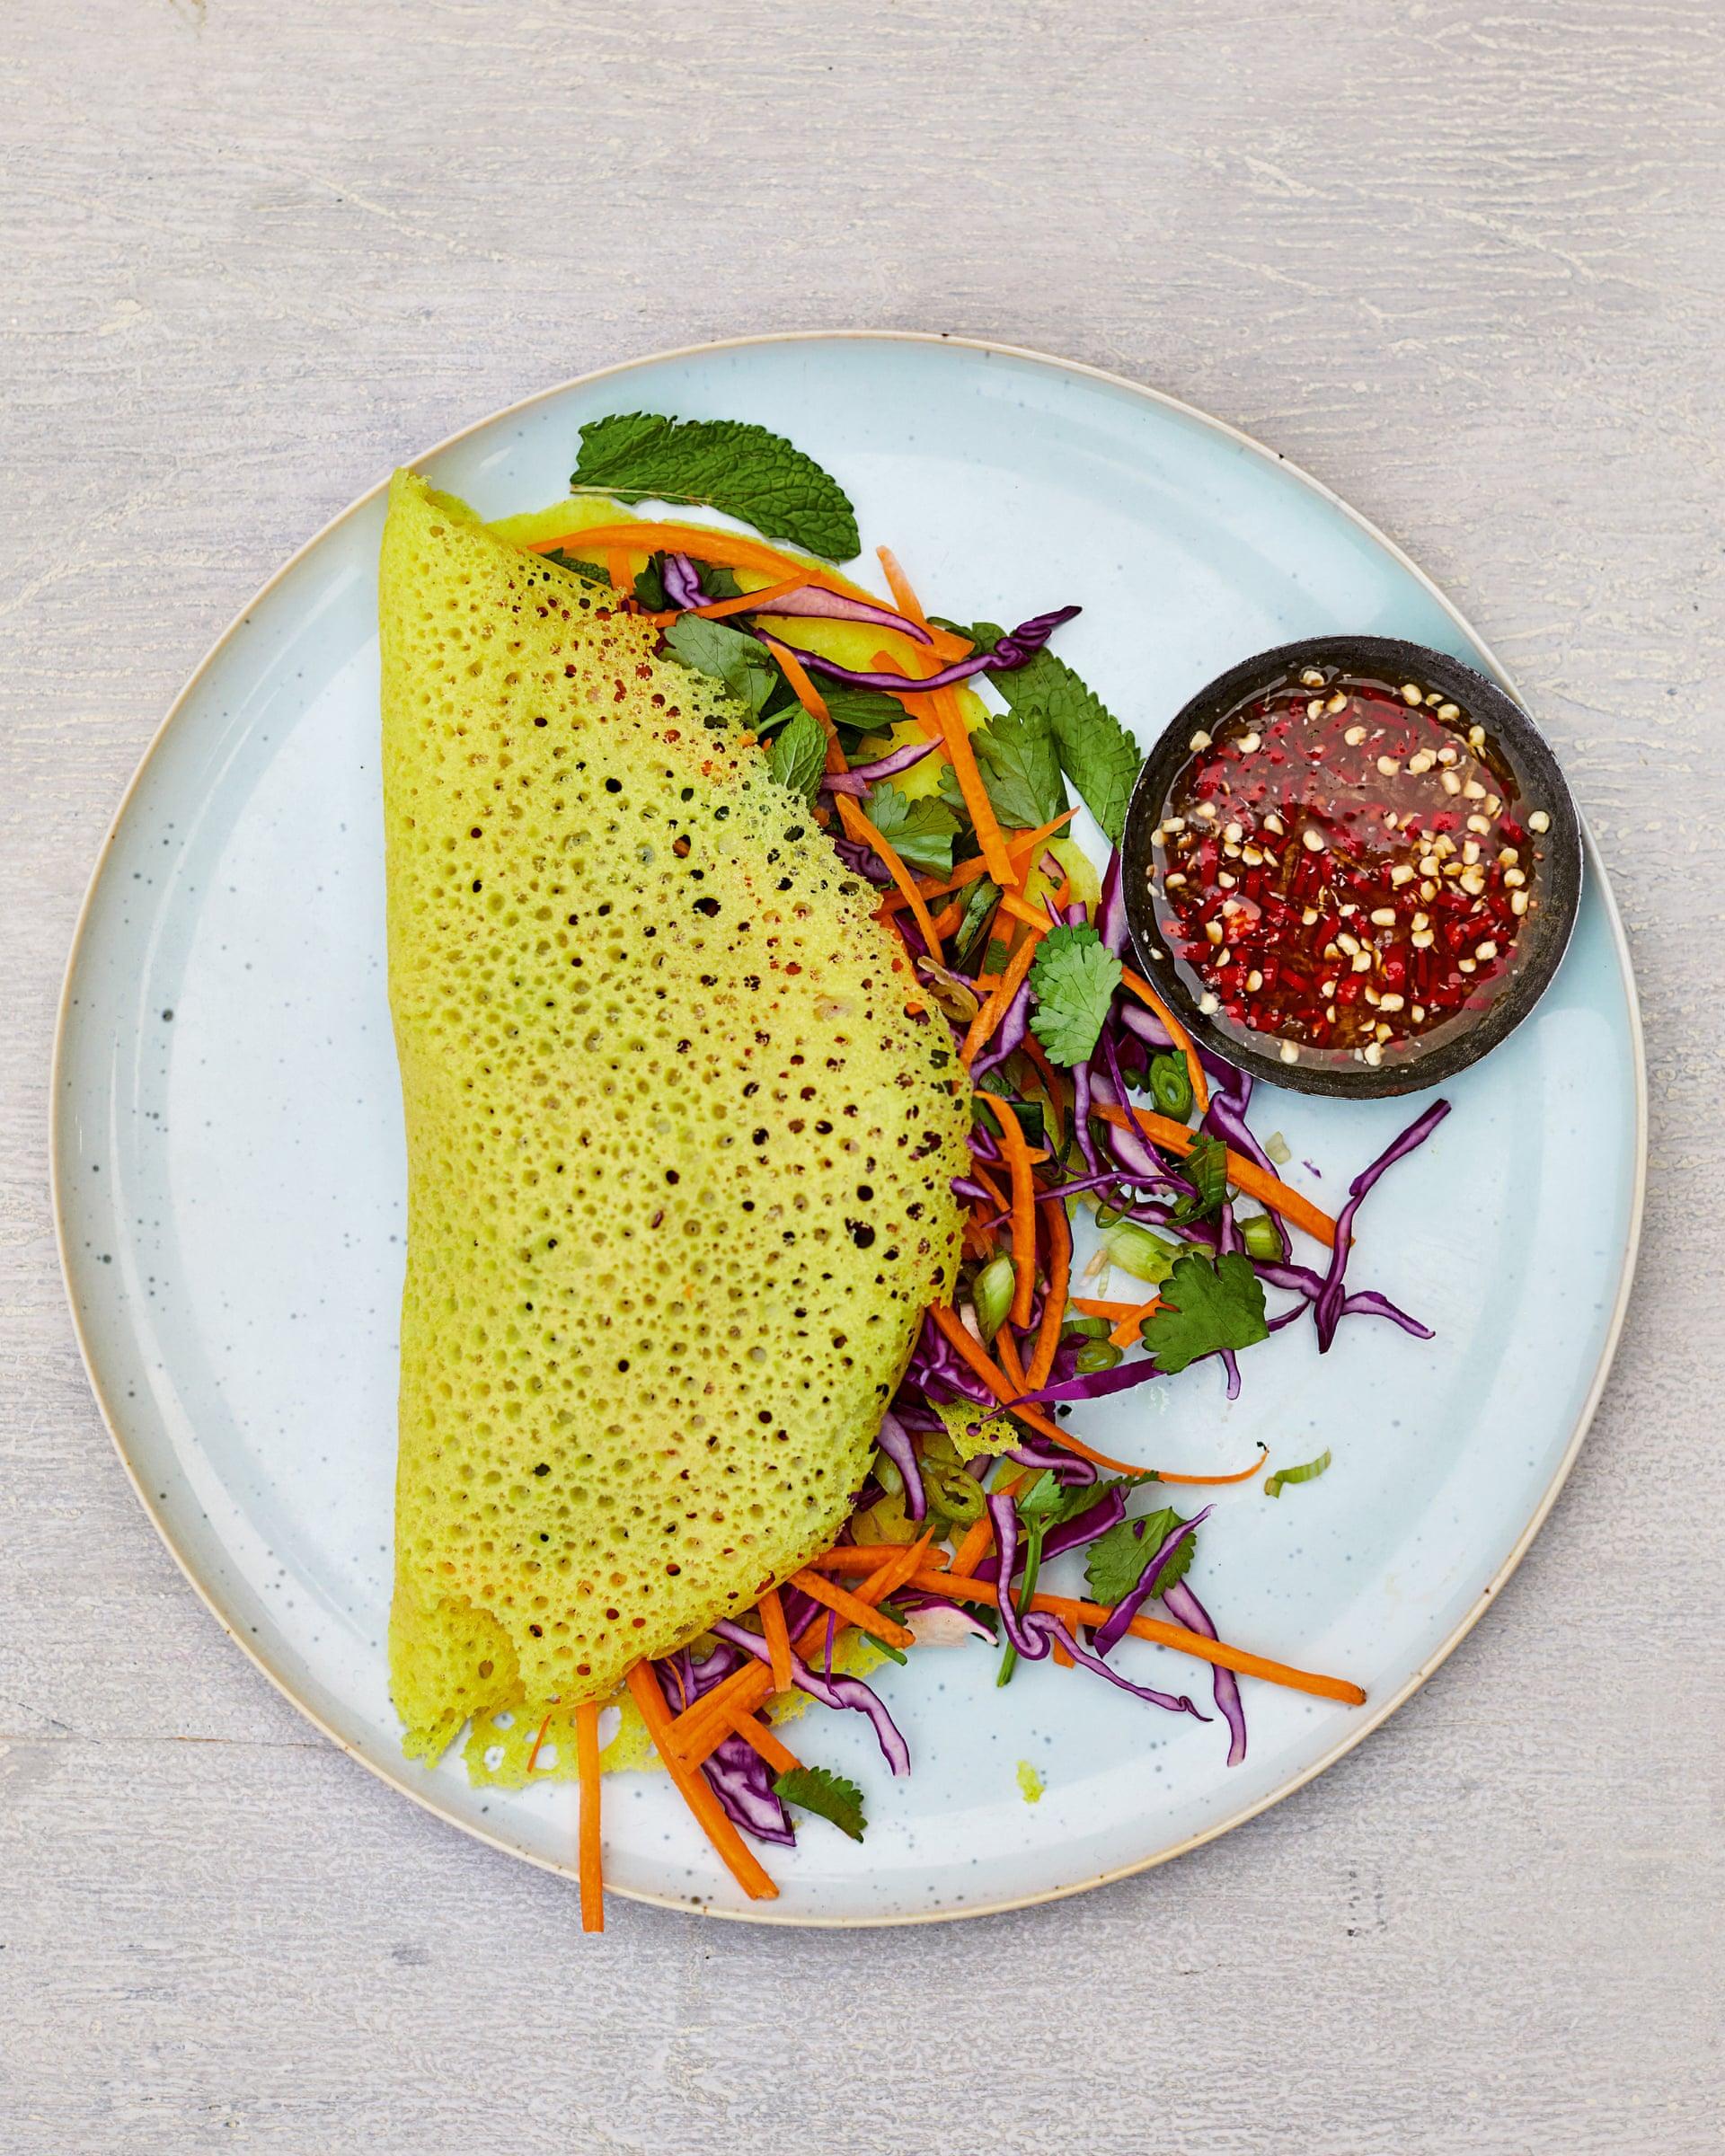 فطائر بان كيك جوز الهند الفيتنامية (وصفات طبخ نباتية)